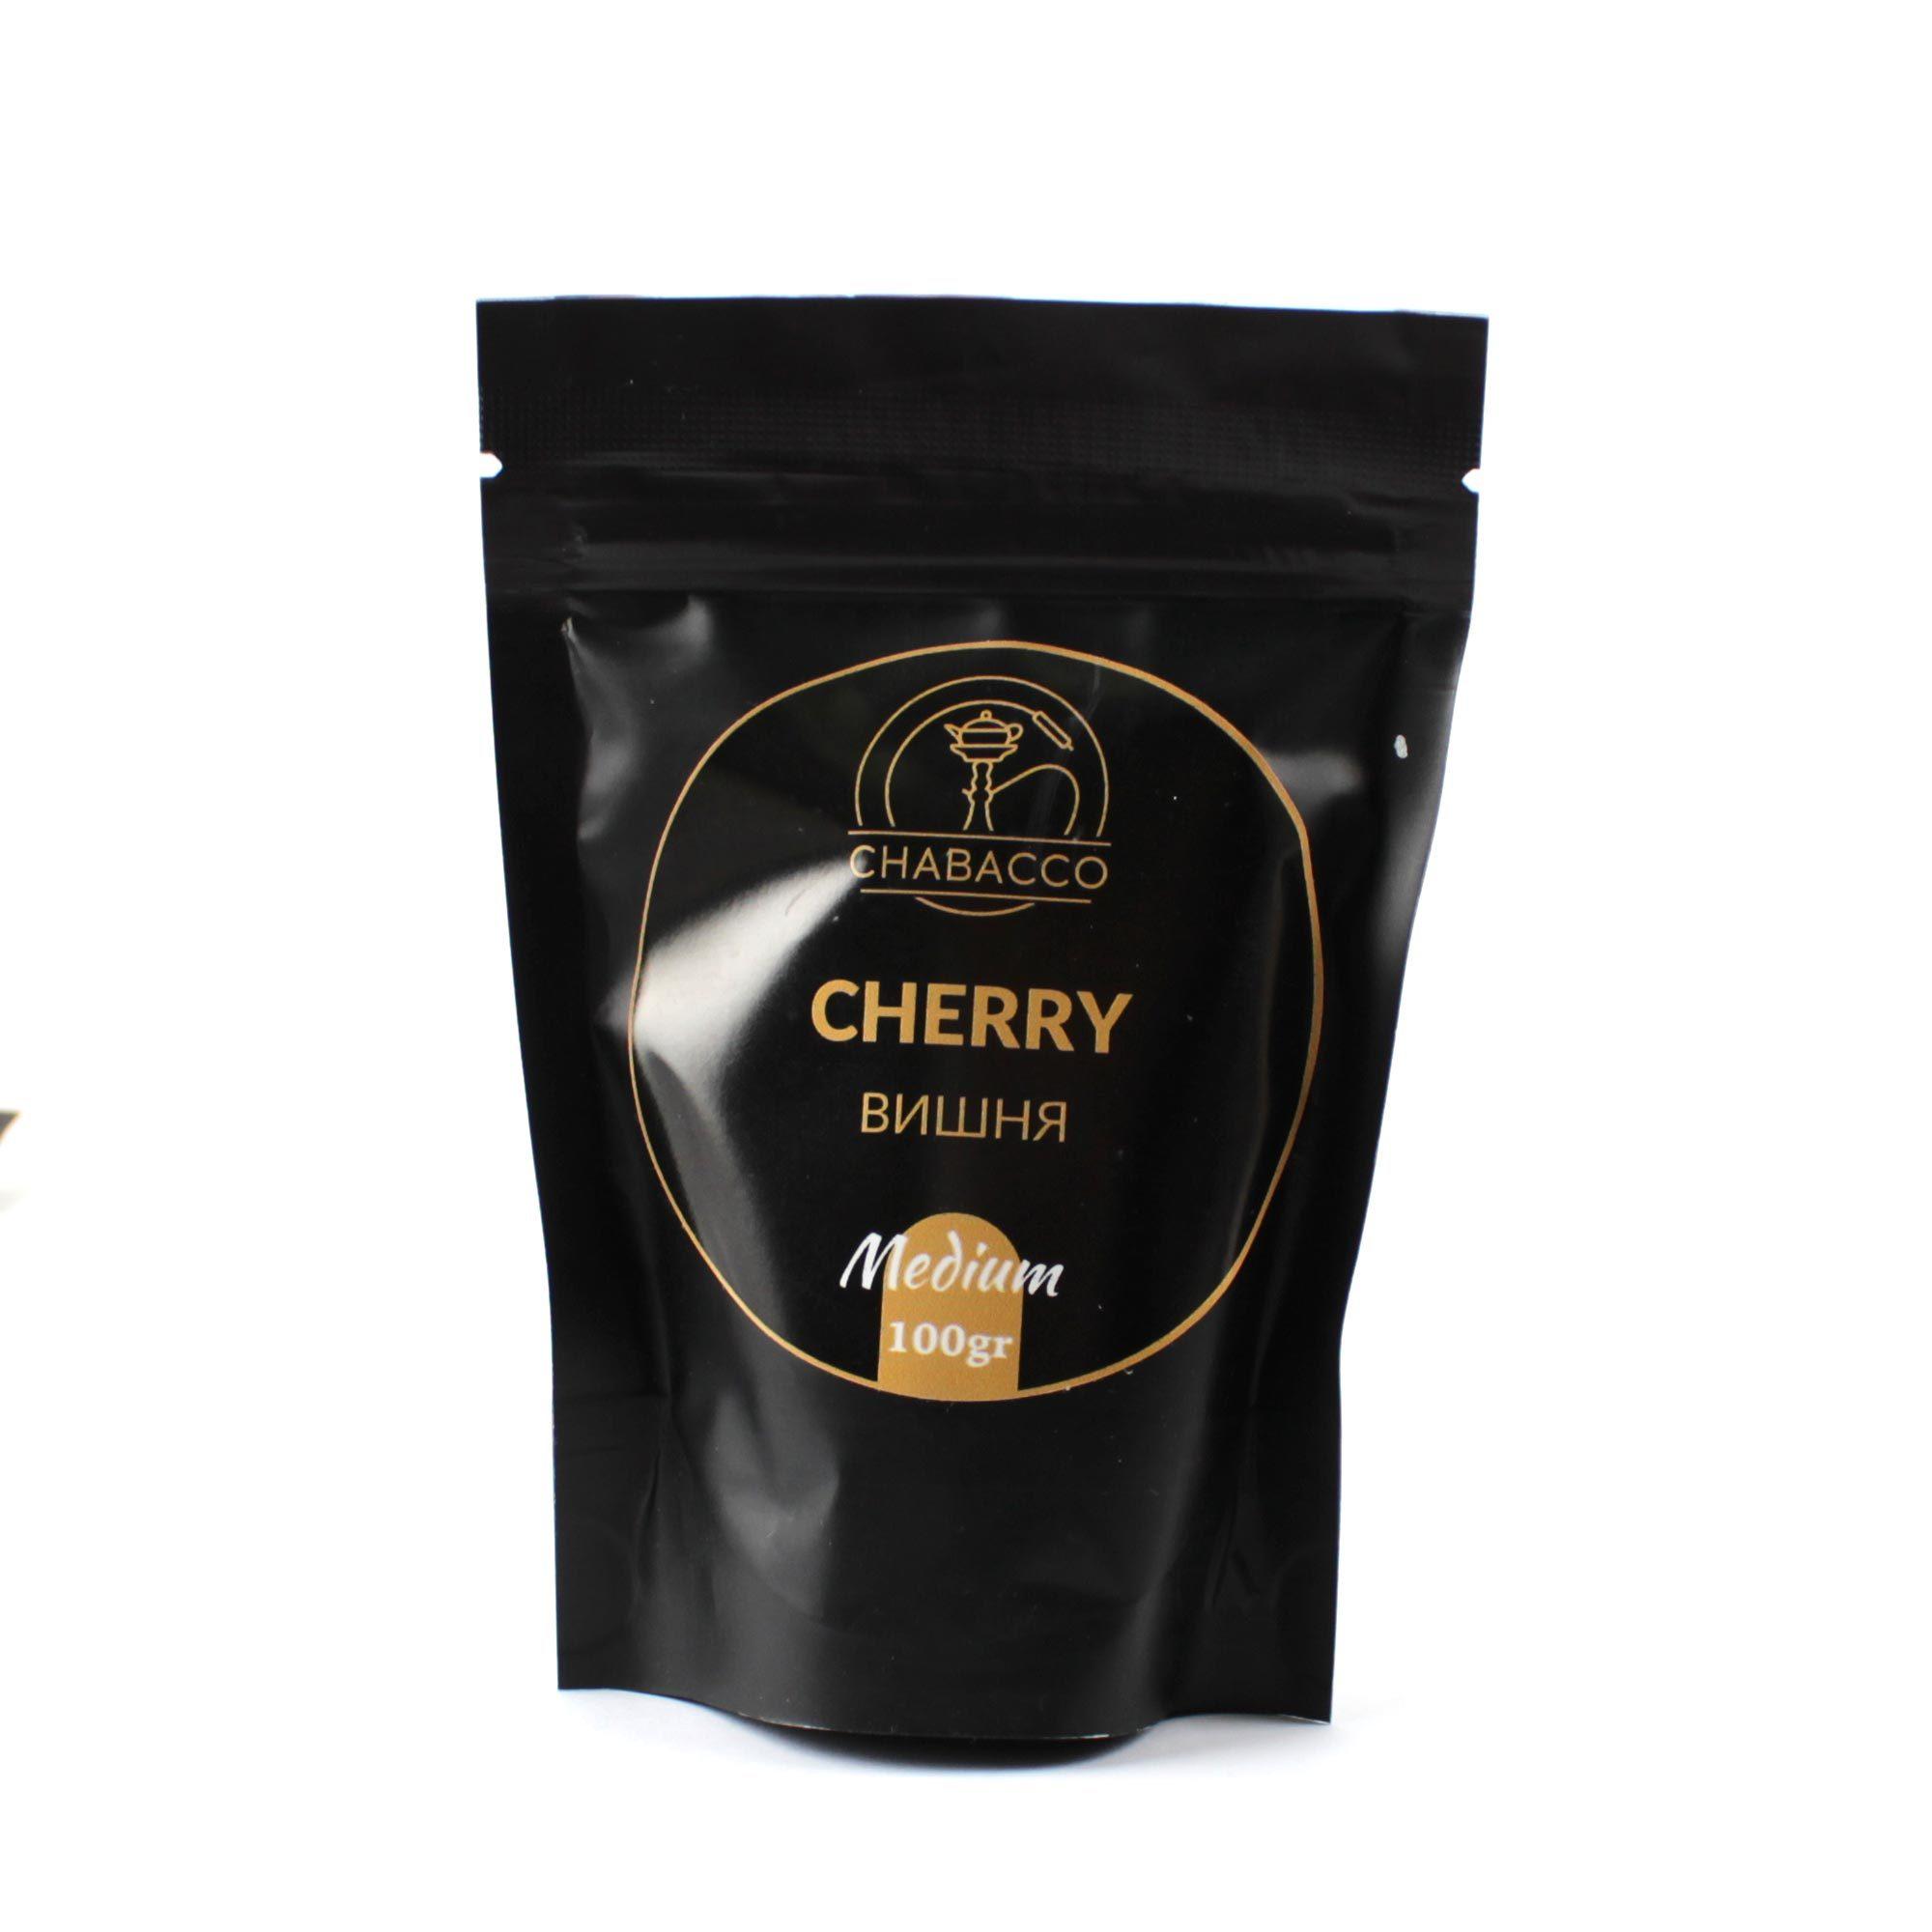 Кальянная смесь Chabacco Medium 100 гр Cherry